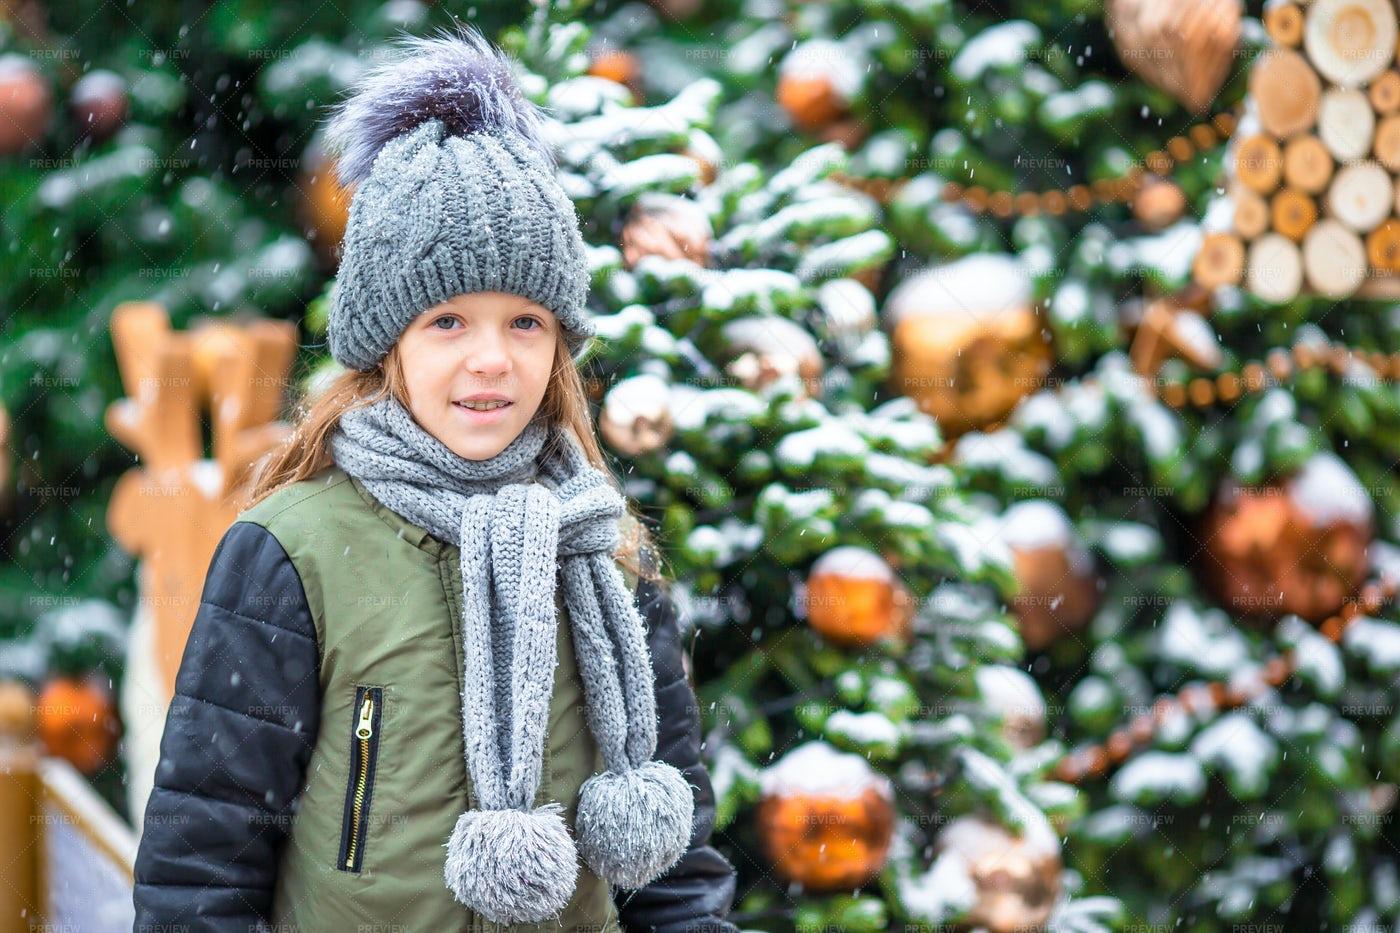 Girl Near Snowy Christmas Trees: Stock Photos